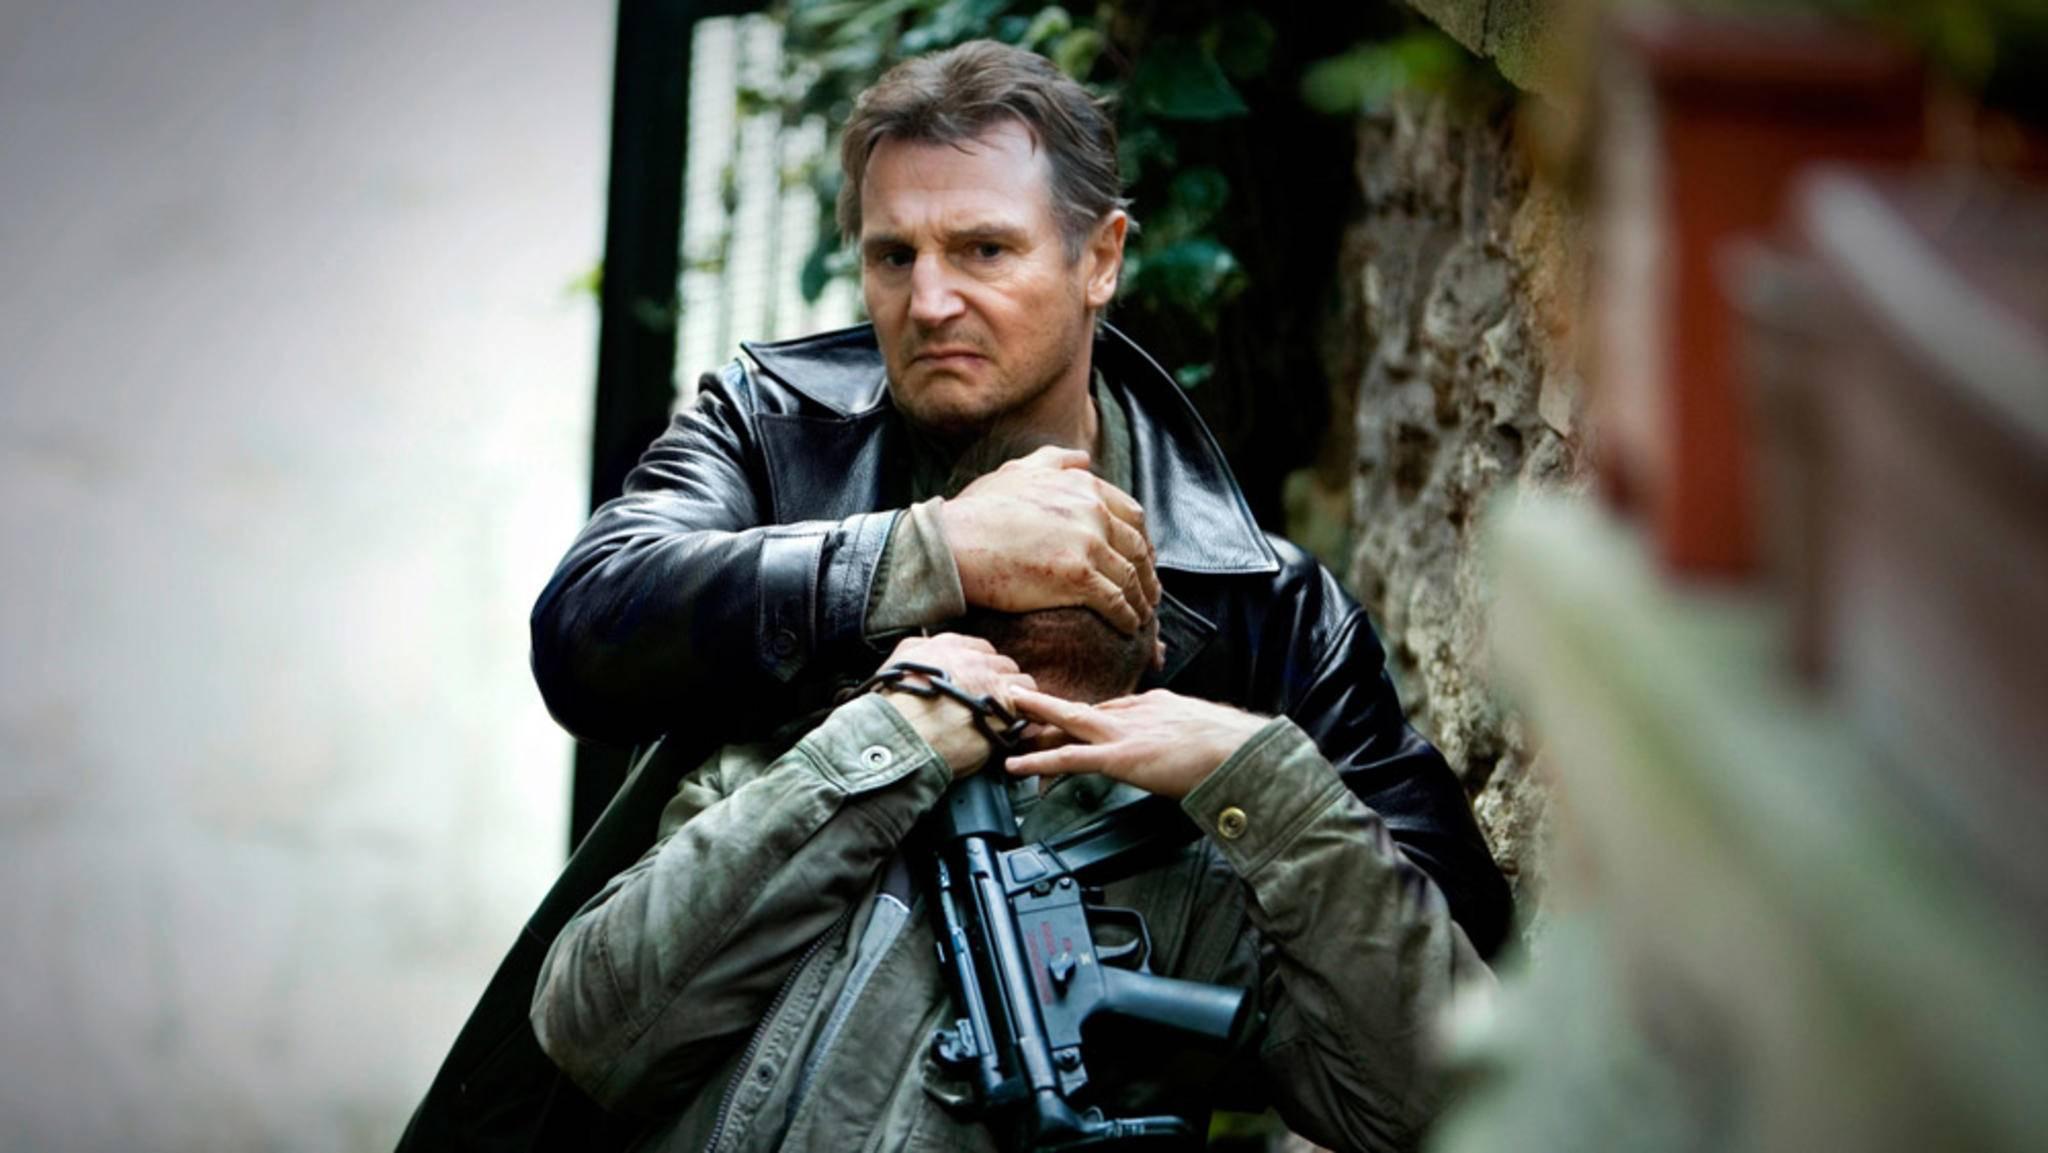 So werden wir Liam Neeson in Zukunft wohl nicht mehr zu sehen bekommen.